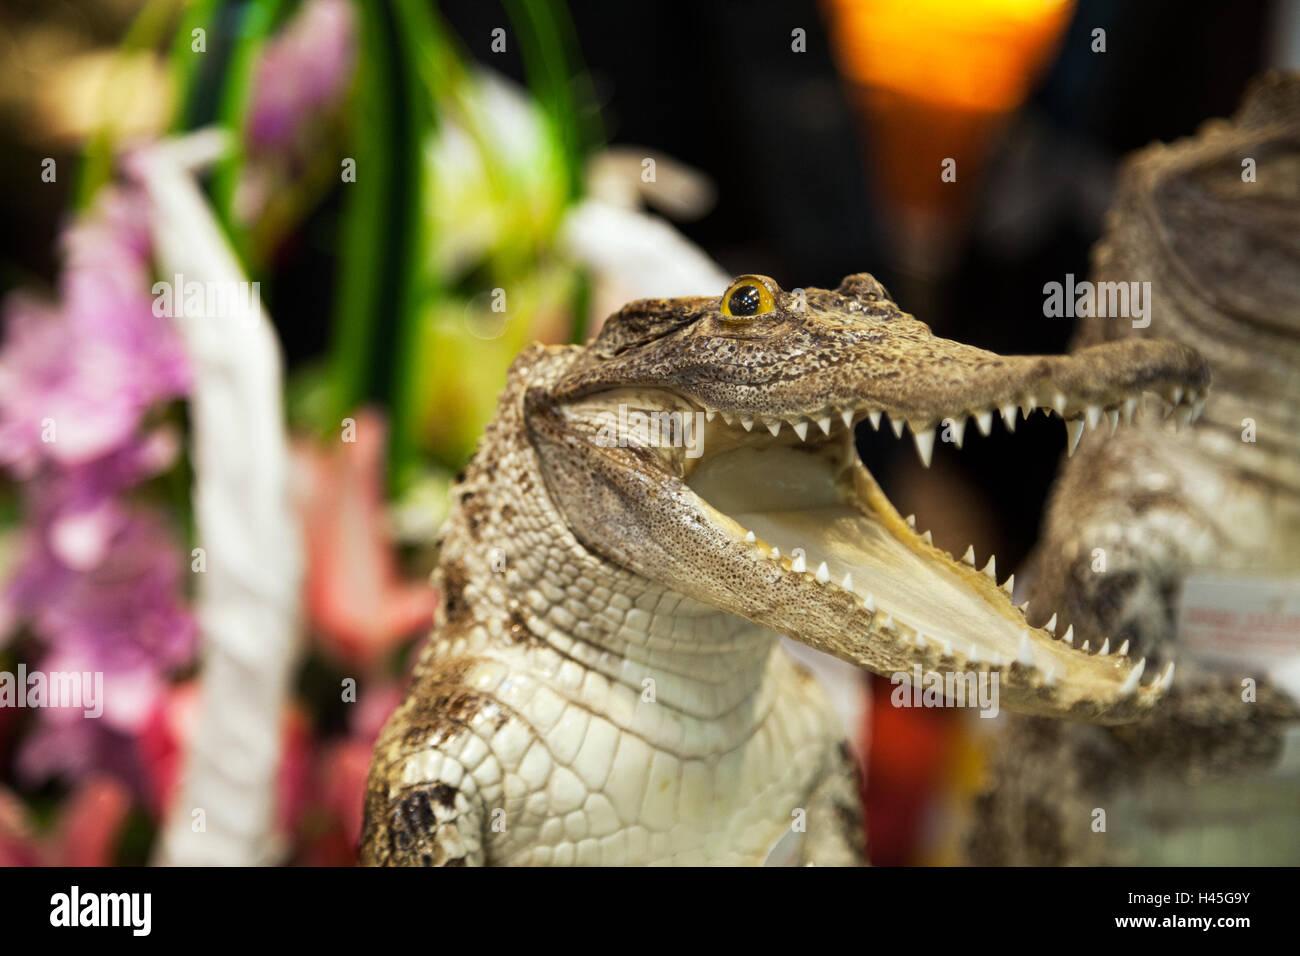 Petit mignon crocodile rire avec la bouche ouverte avec beaucoup de dents. Attaque dangereux prédateurs reptiles Photo Stock